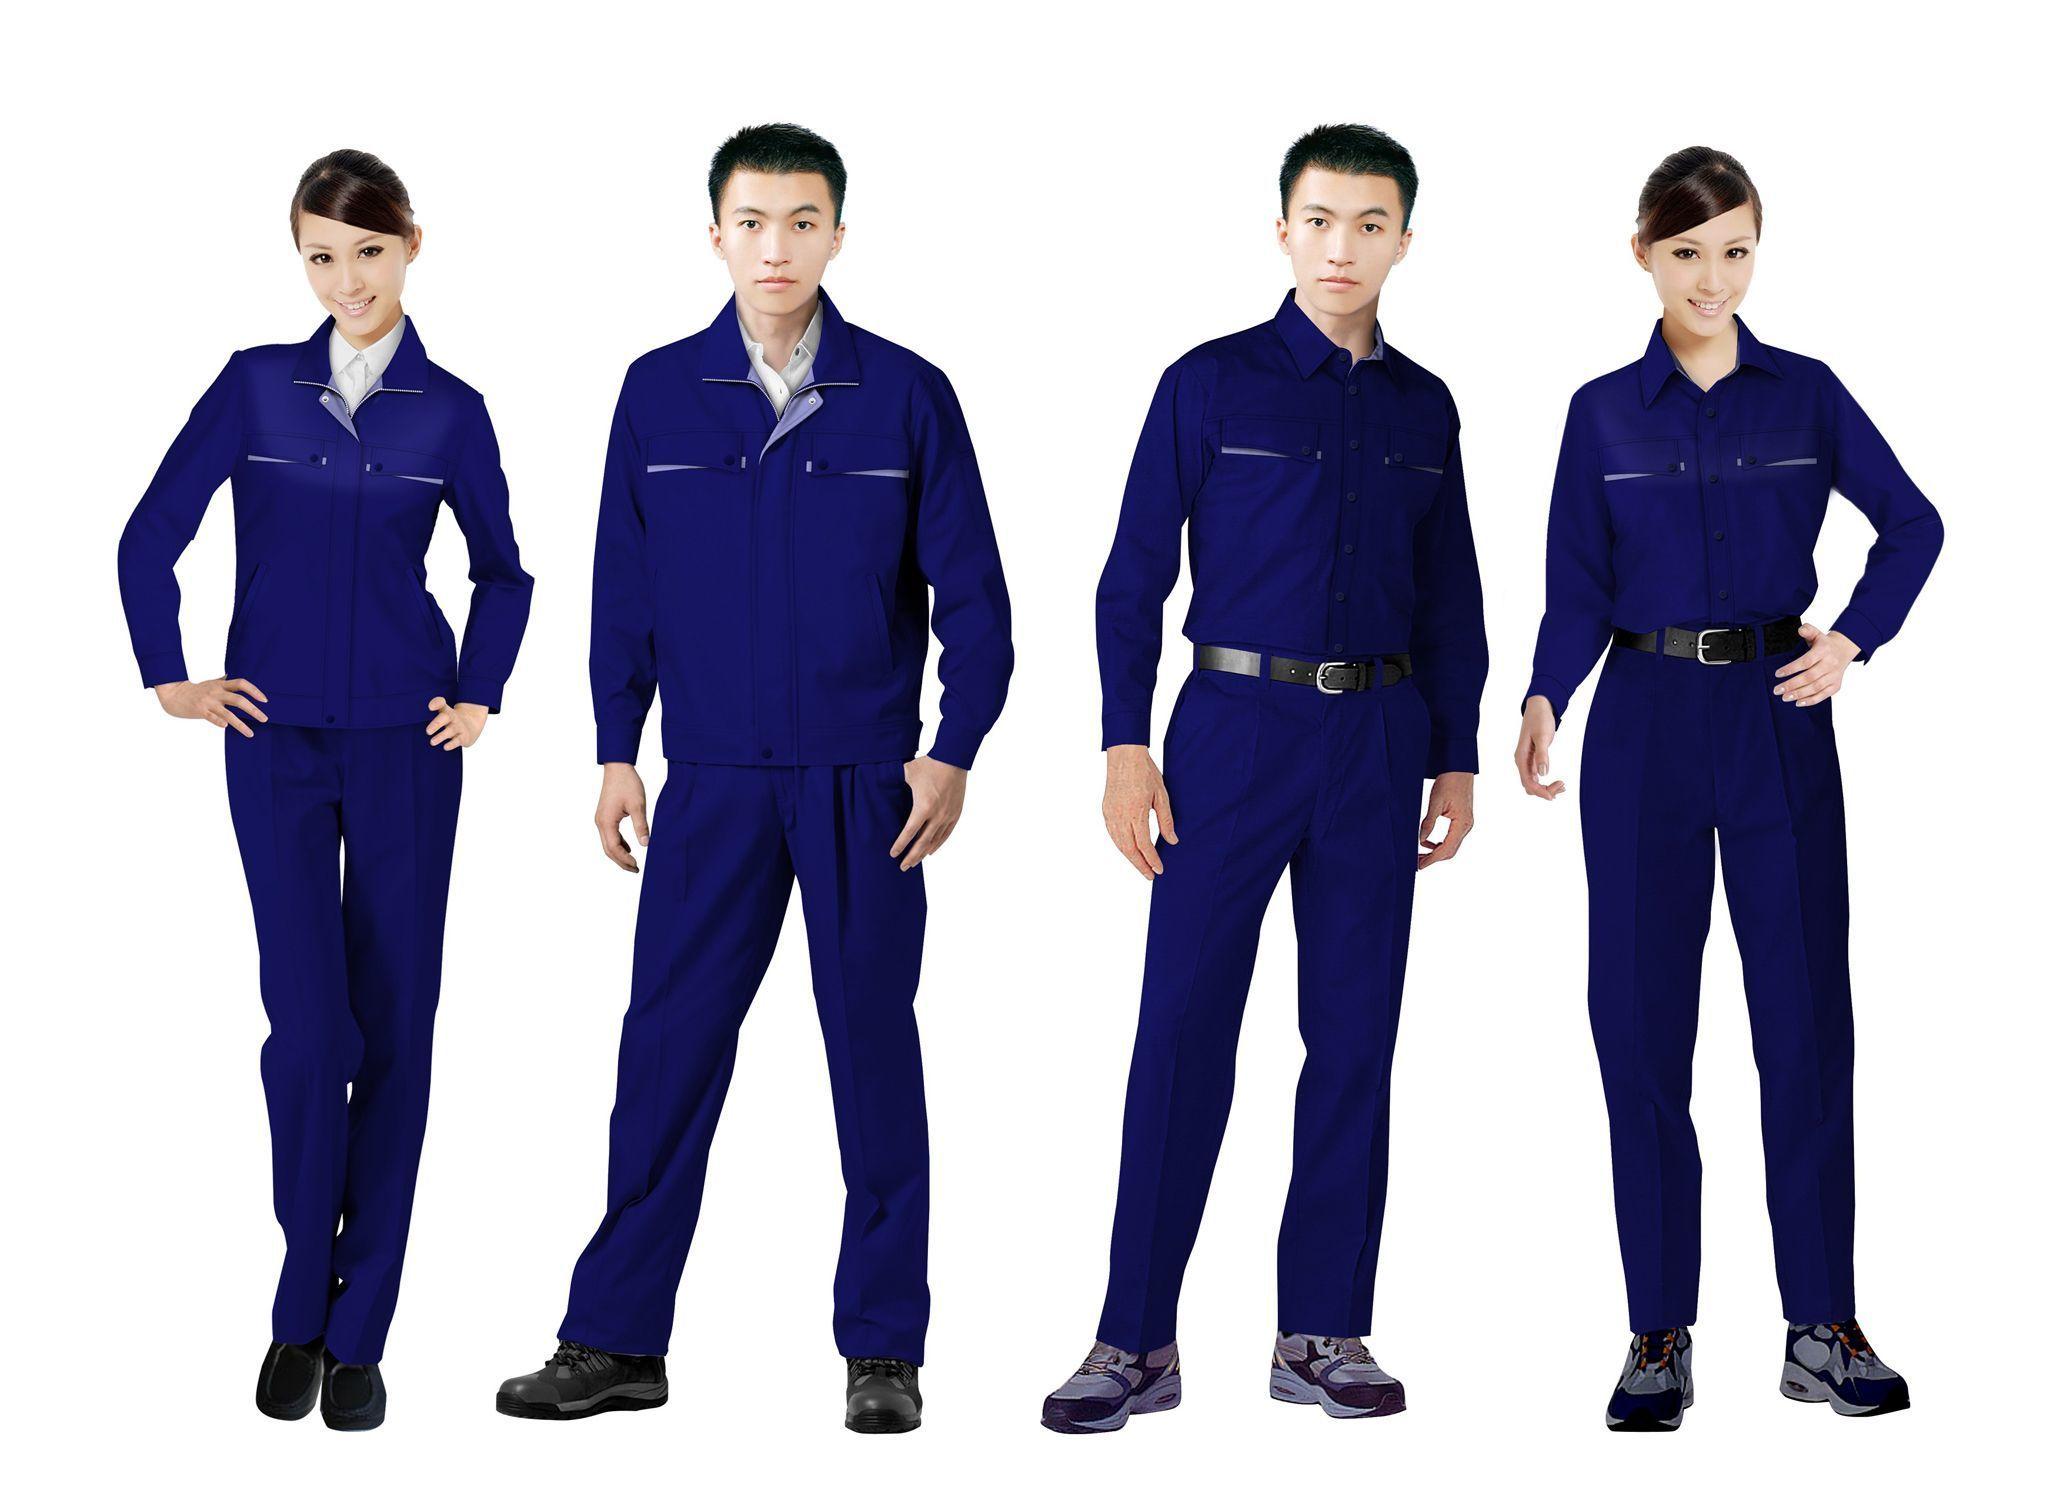 工作服设计图系列方案03